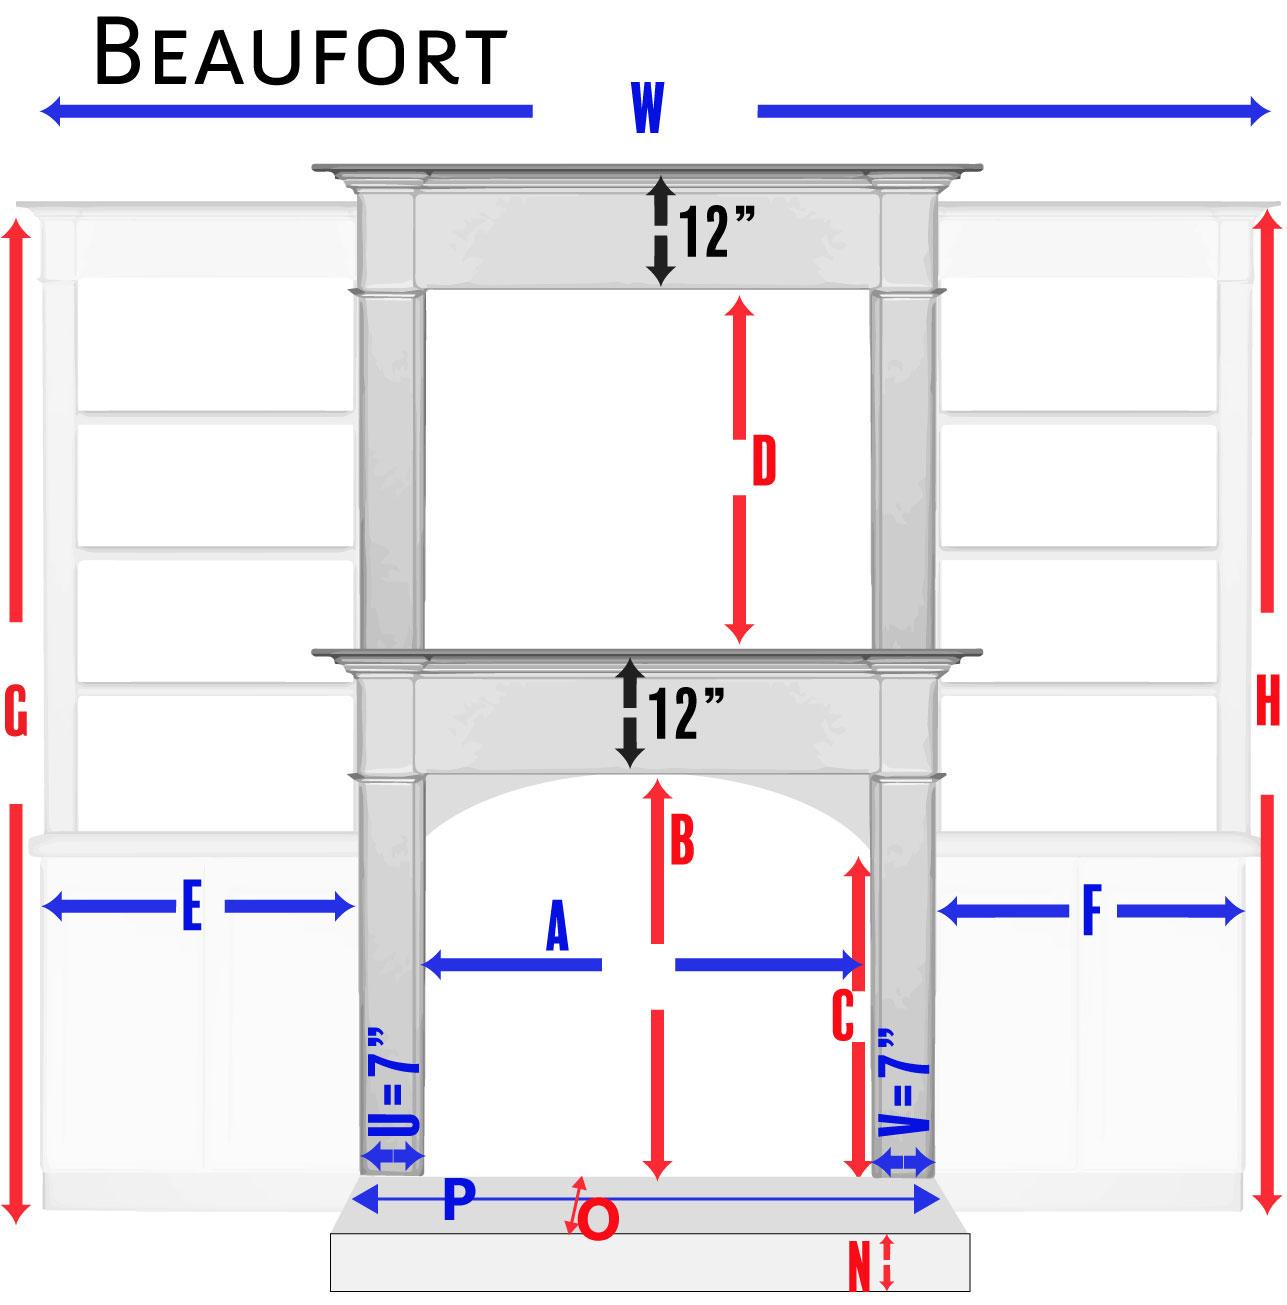 Beaufort Measurement Guide